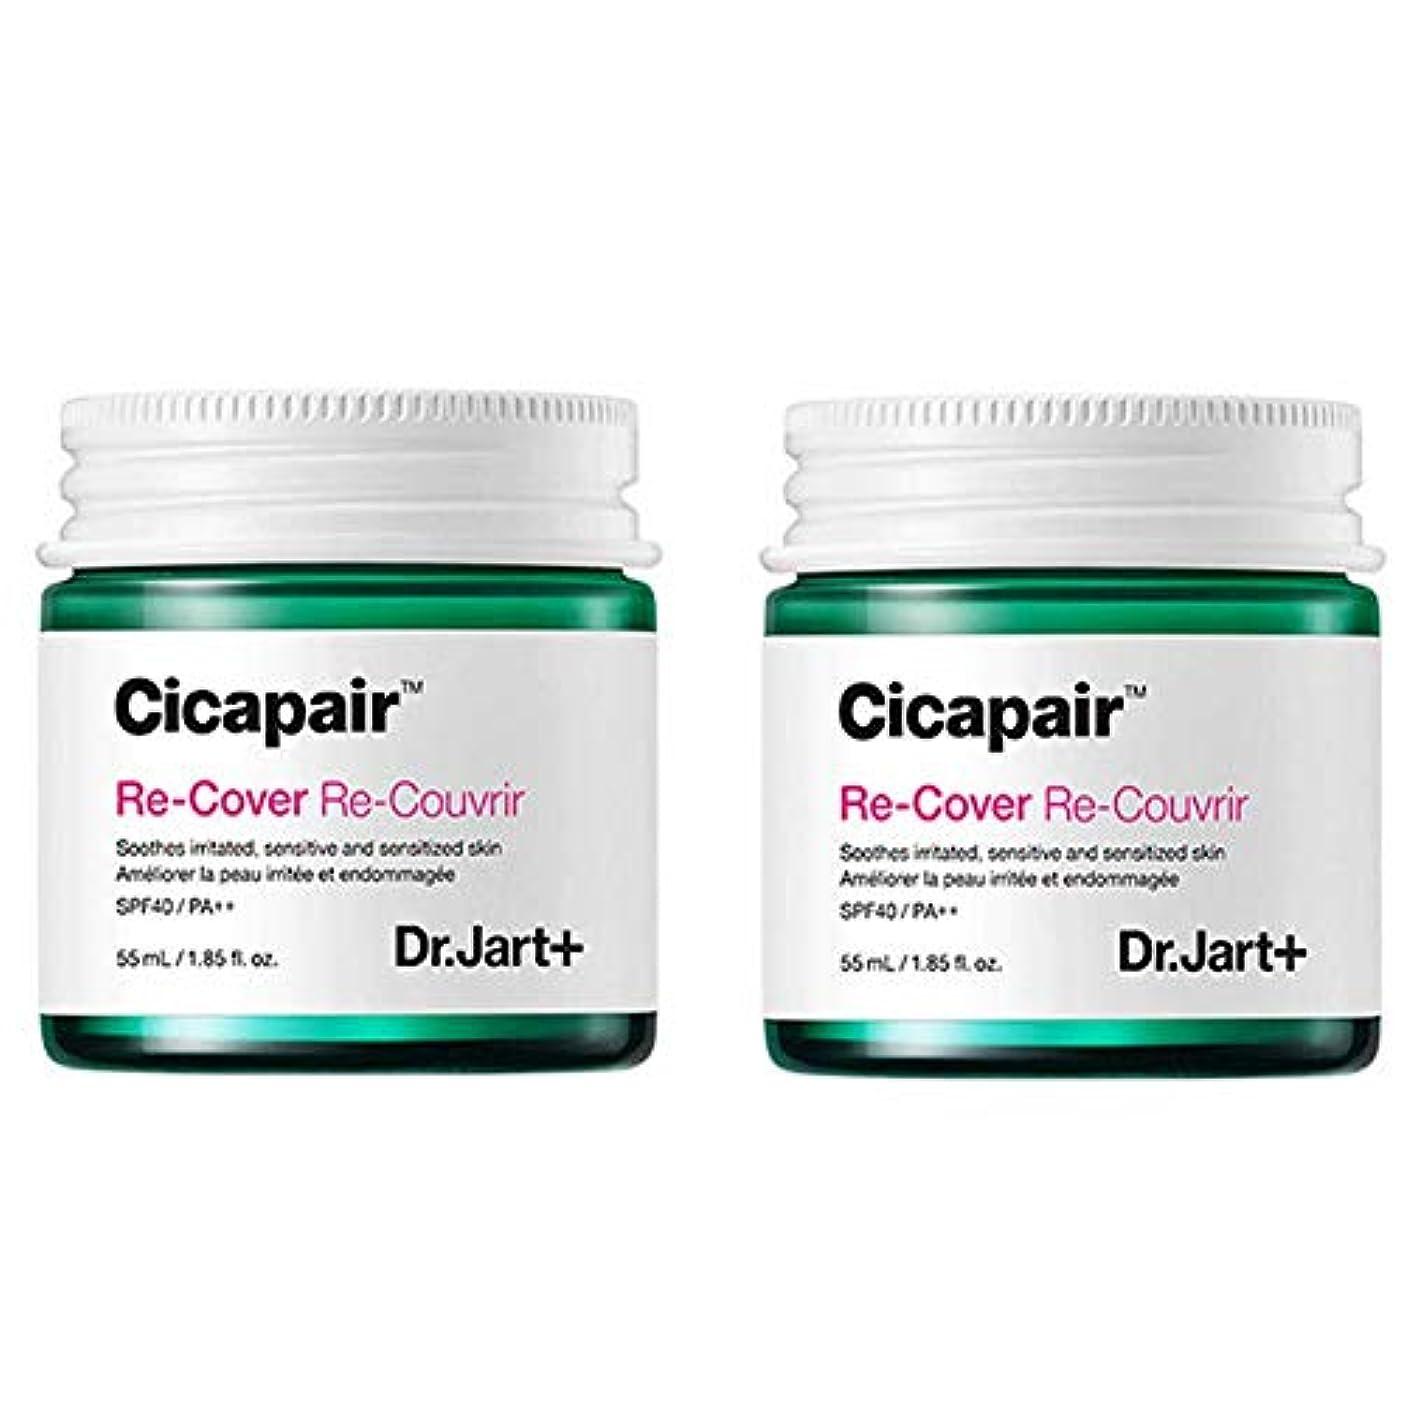 腹痛パレードタイルDr.Jart+ Cicapair ReCover X 2 ドクタージャルトシカペアリカバー X 2 (2代目)皮膚回復 紫外線カット 黄砂ケア [並行輸入品]